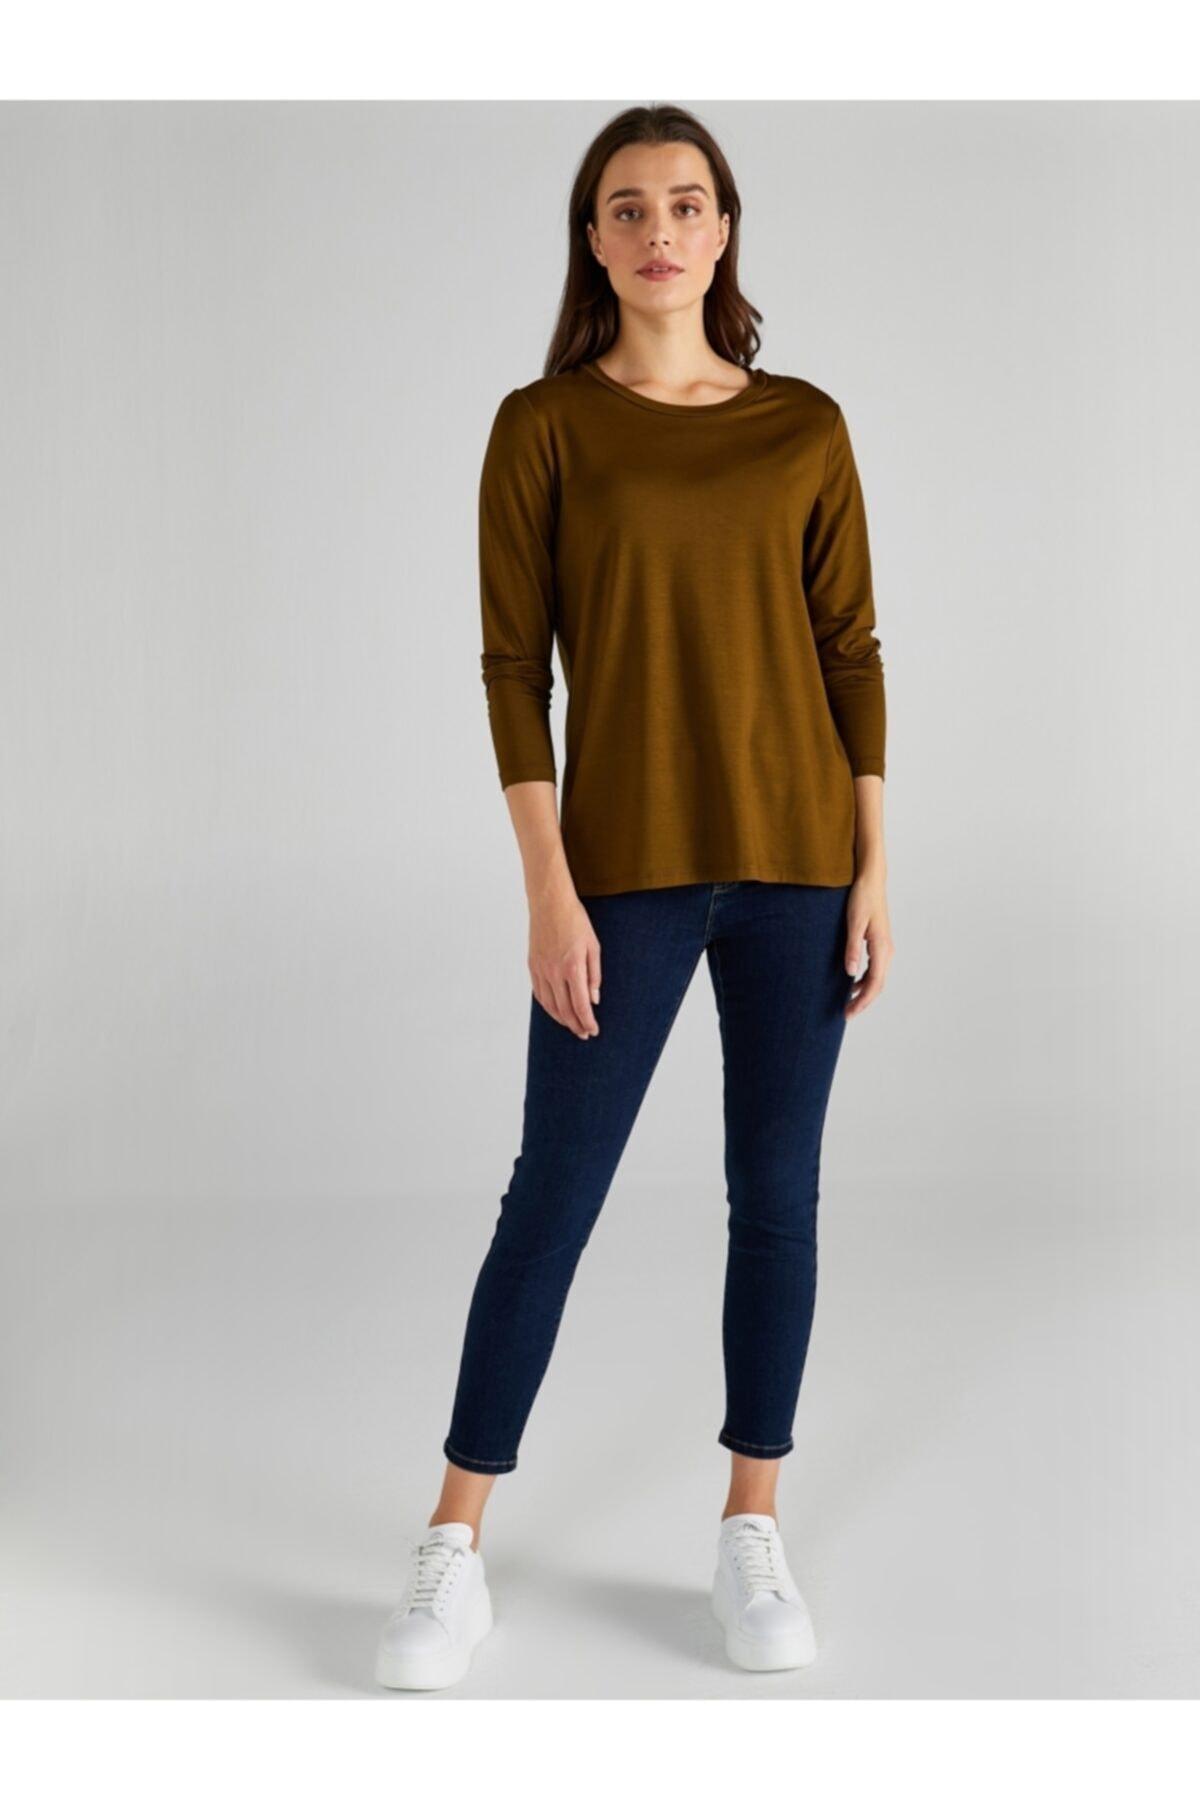 Faik Sönmez Kadın Haki Yuvarlak Yaka Uzun Kol T-shirt 61024 2